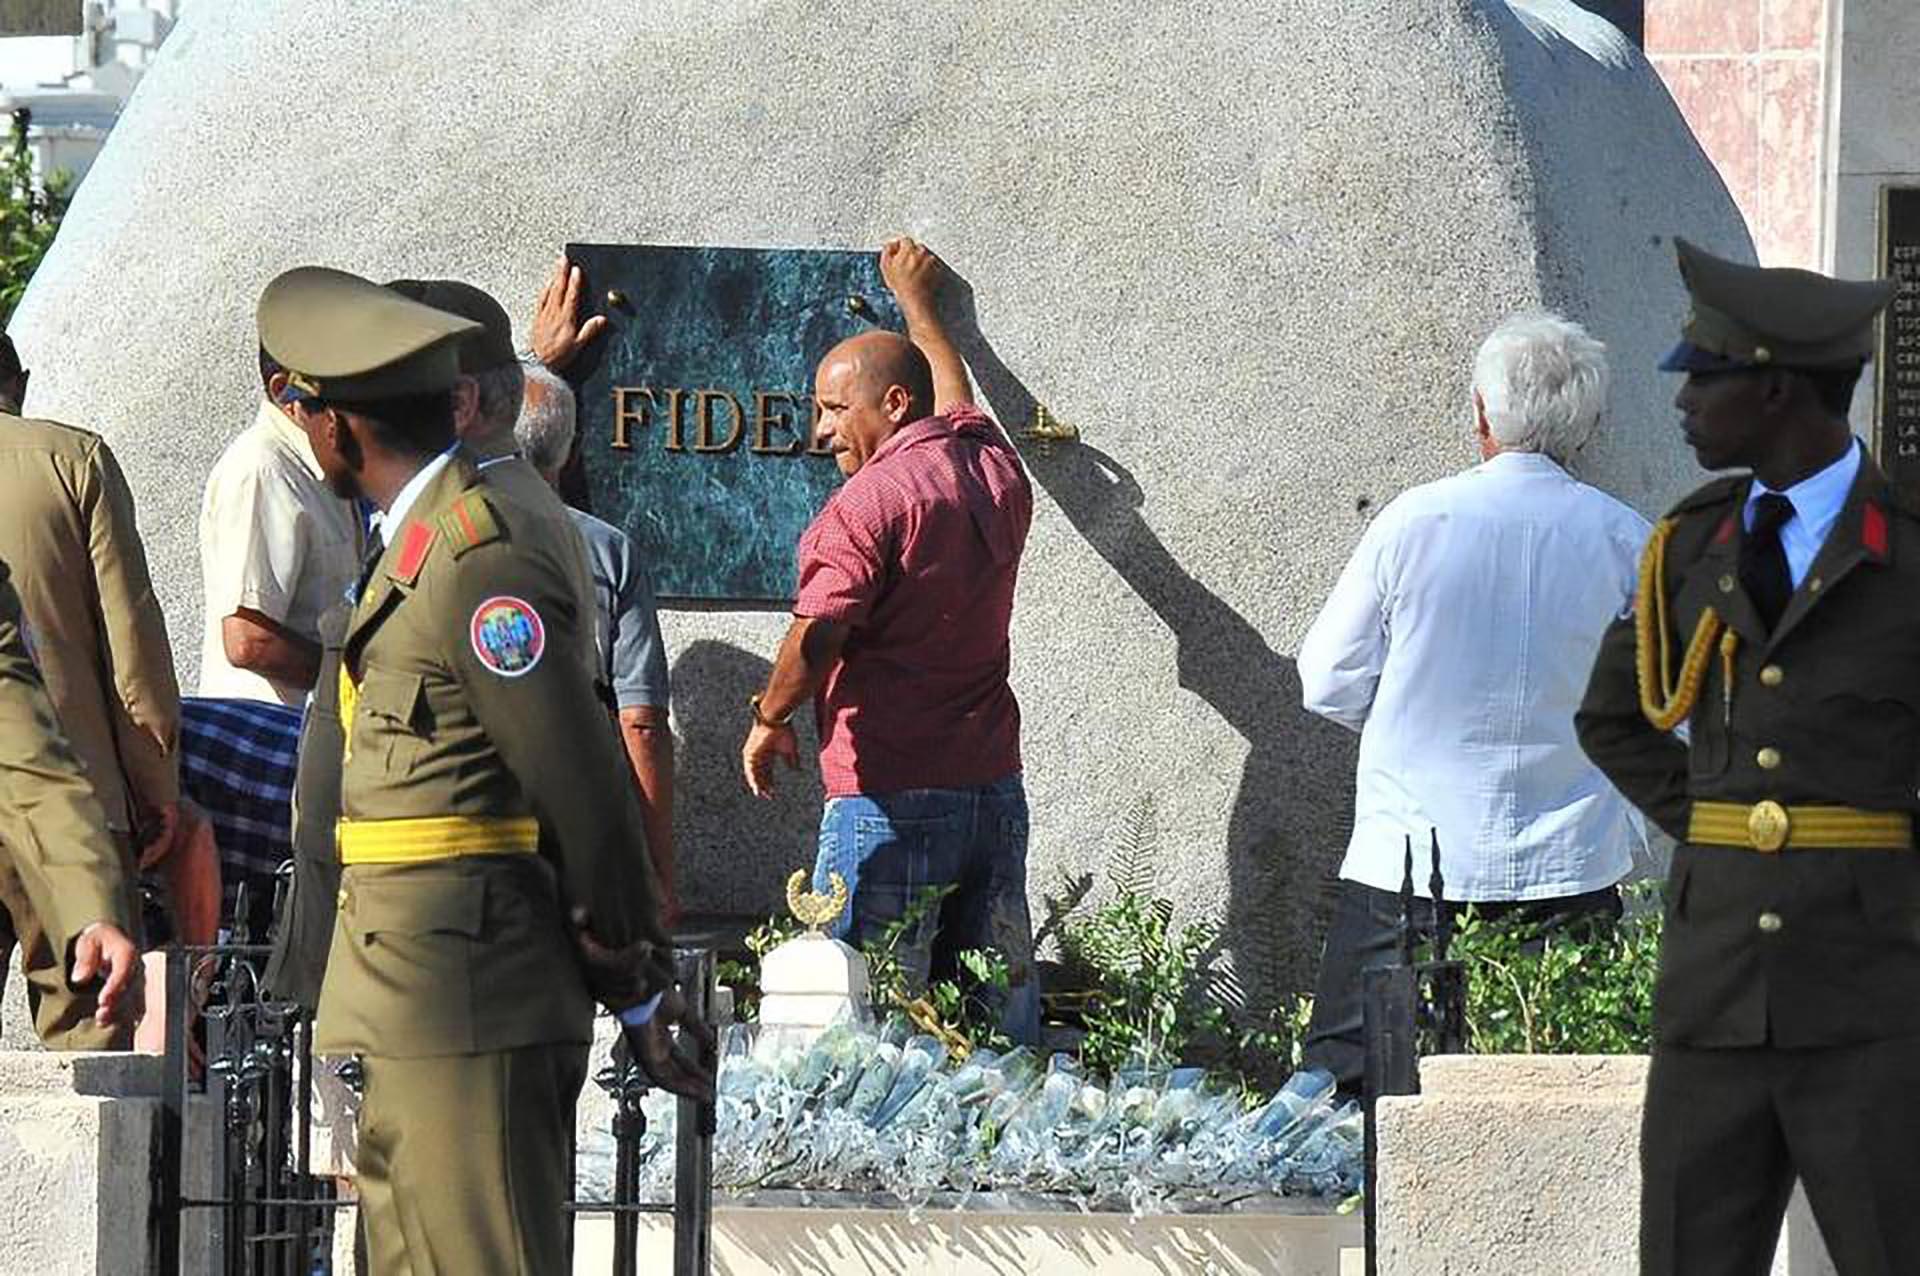 Previo a la ceremonia, los restos de Fidel fueron trasladados por las calles de Santiago de Cuba (AFP)